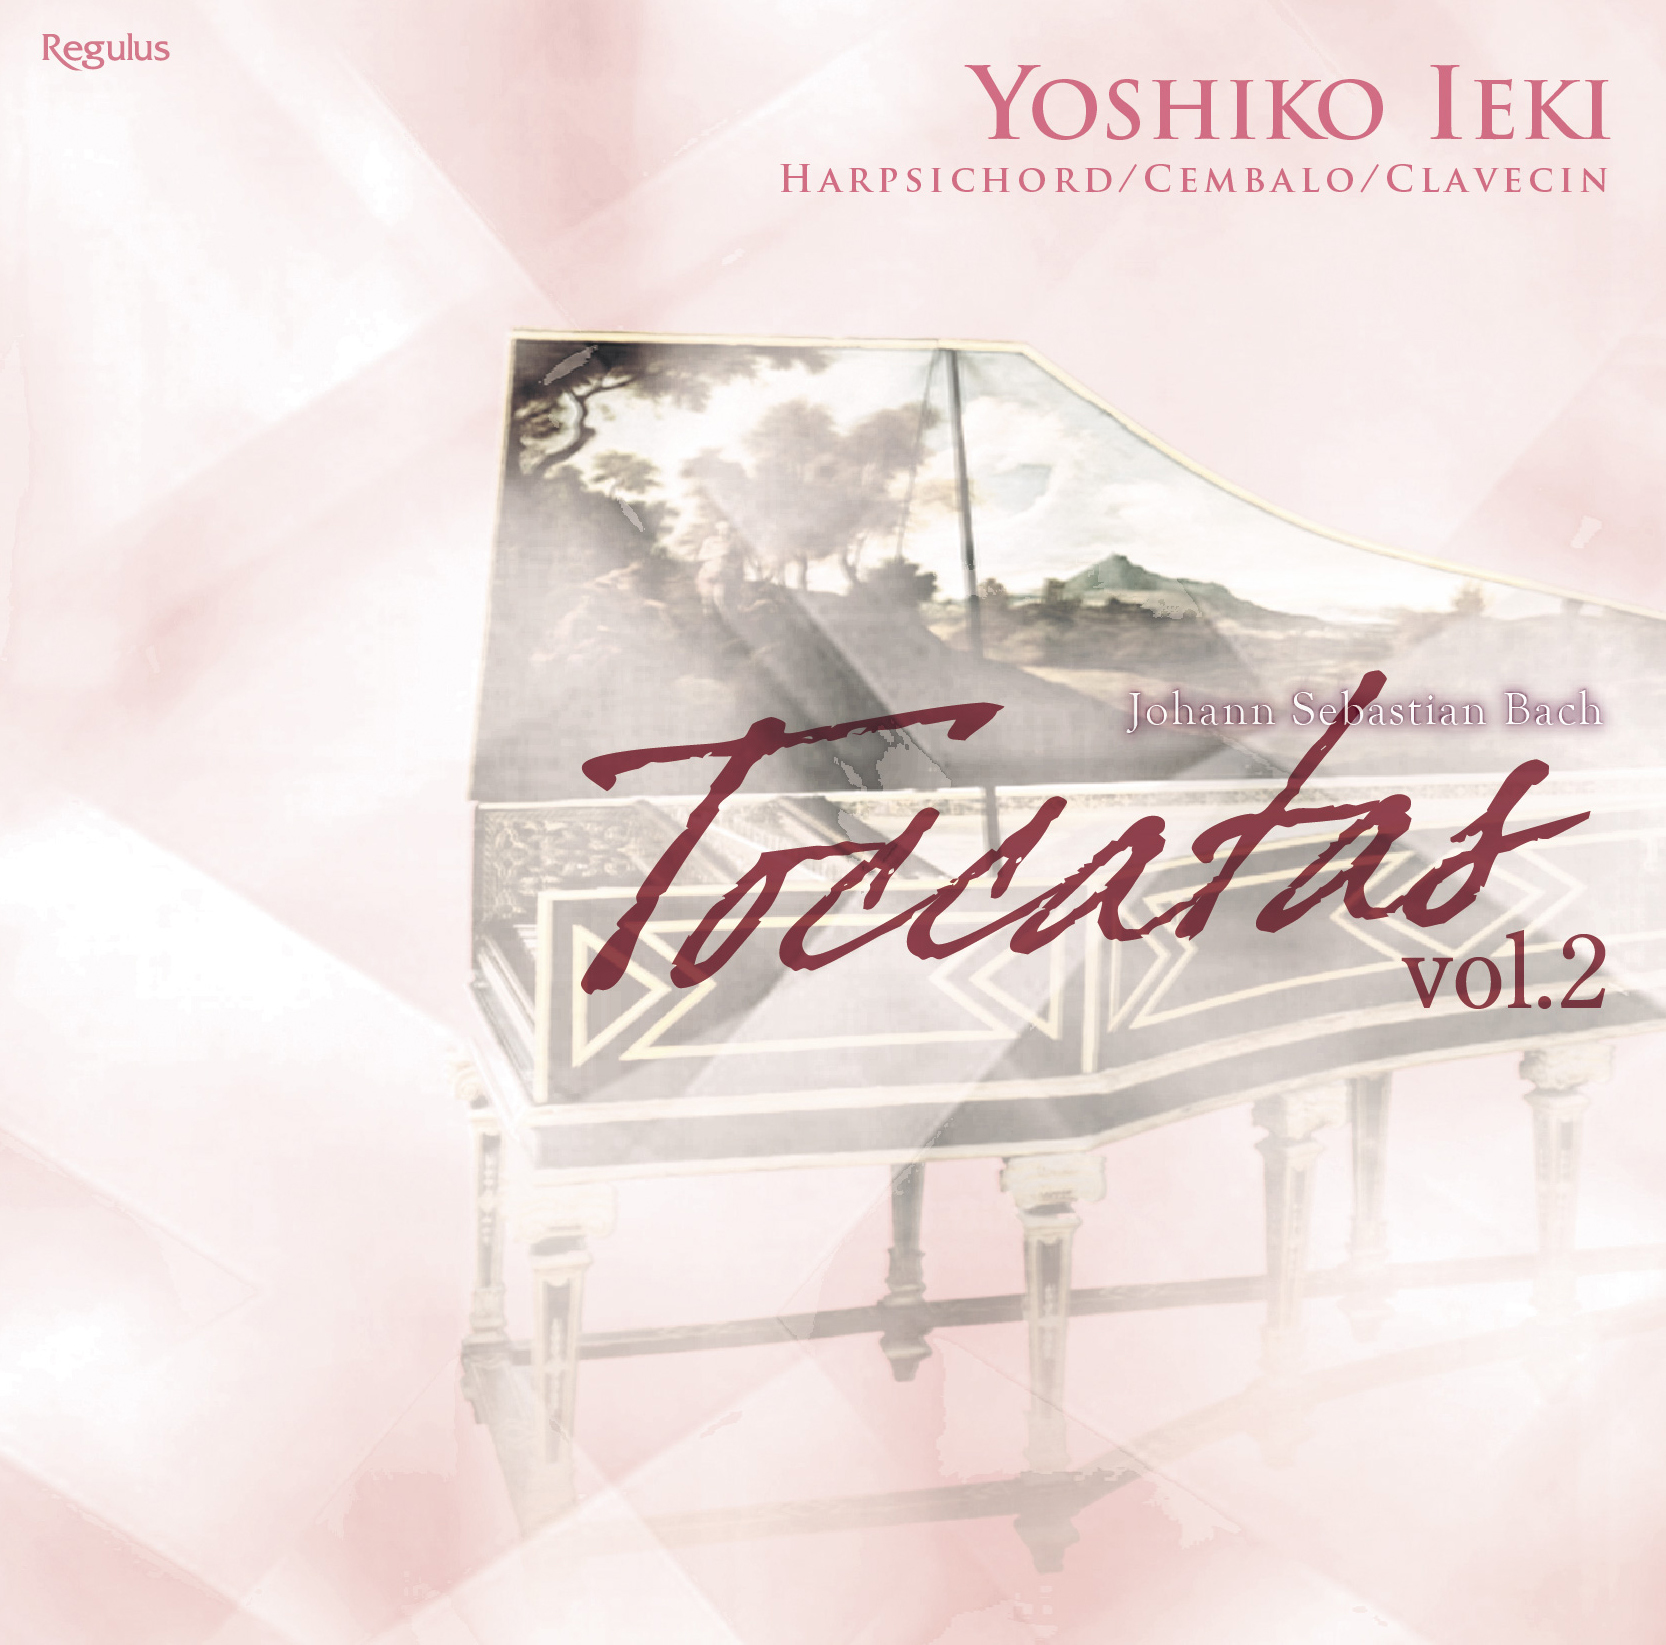 【新譜】「楽器の魅力と可能性を引き出すには、口をつぐまないといけないんです」──『J.S.バッハ: トッカータ Vol.2』(家喜美子/レグルス・レーベル)